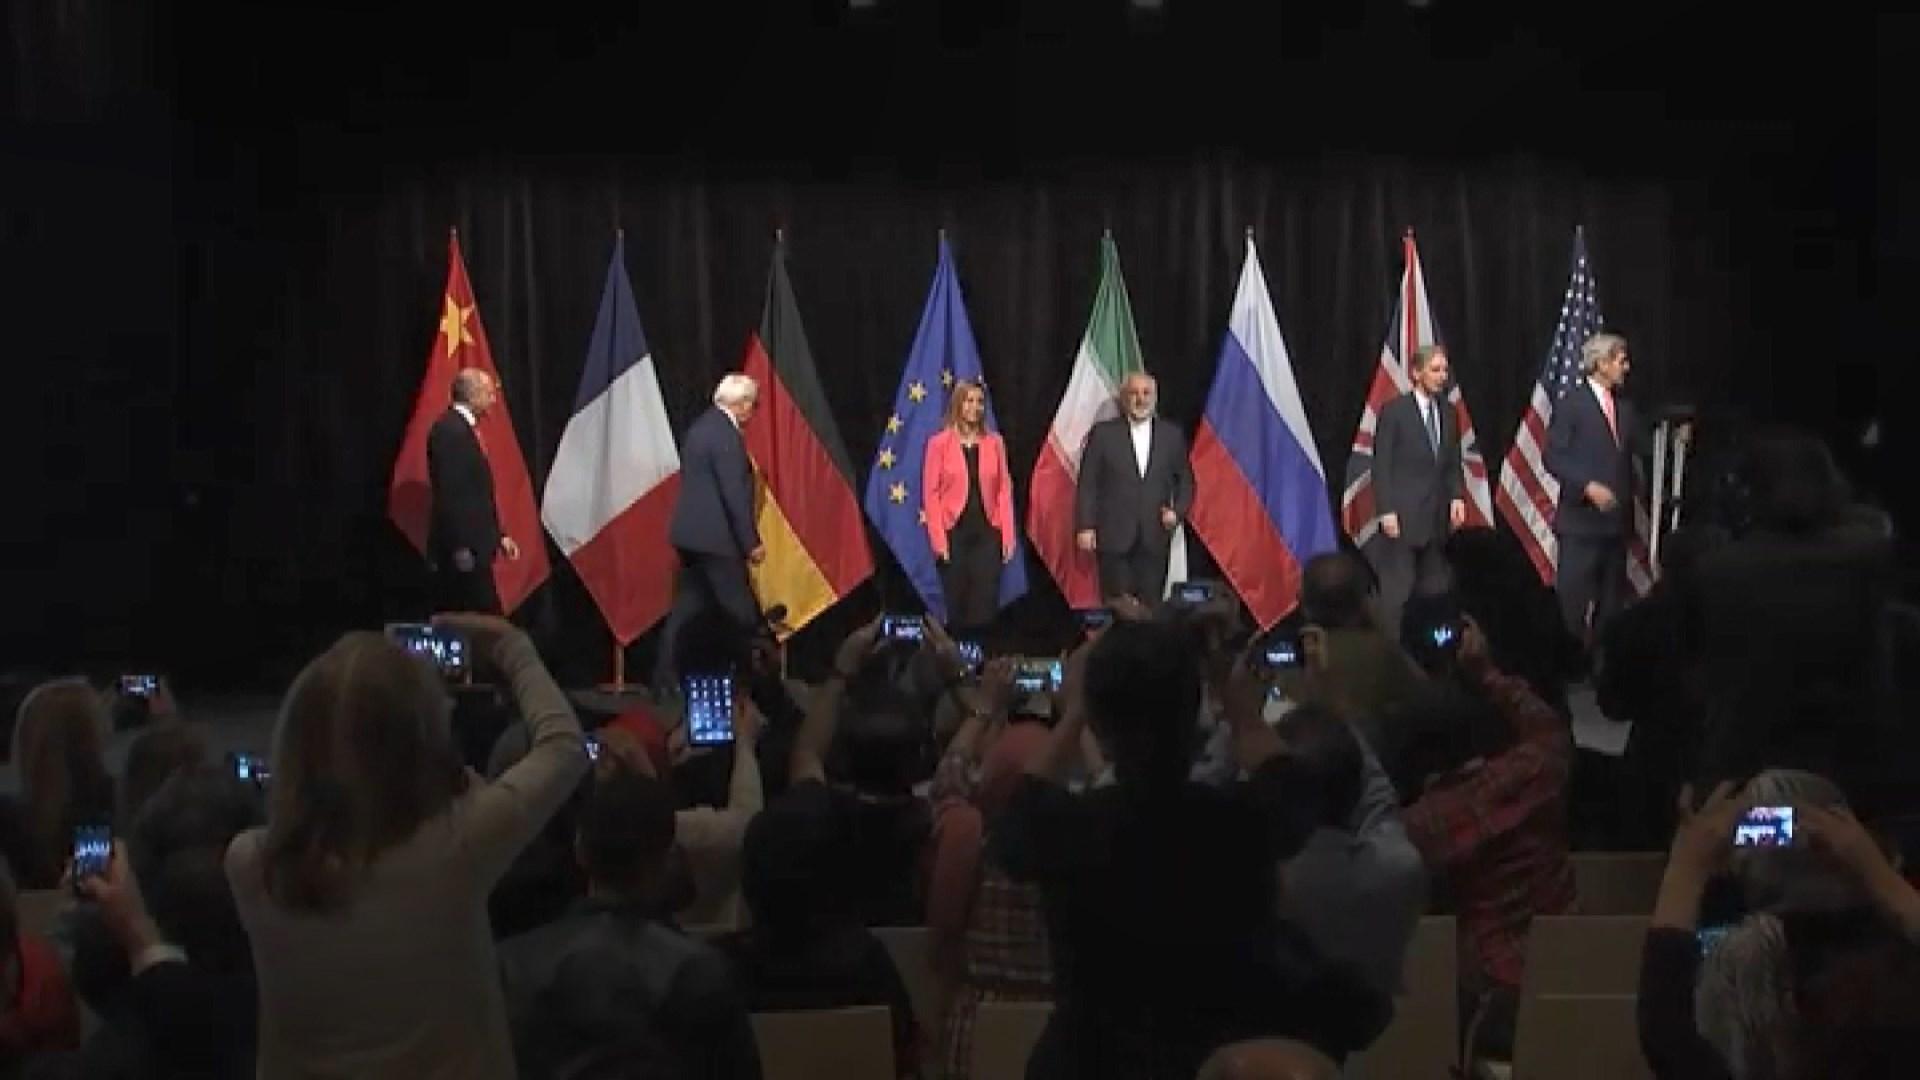 英法德啟動伊朗核協議爭端解決機制